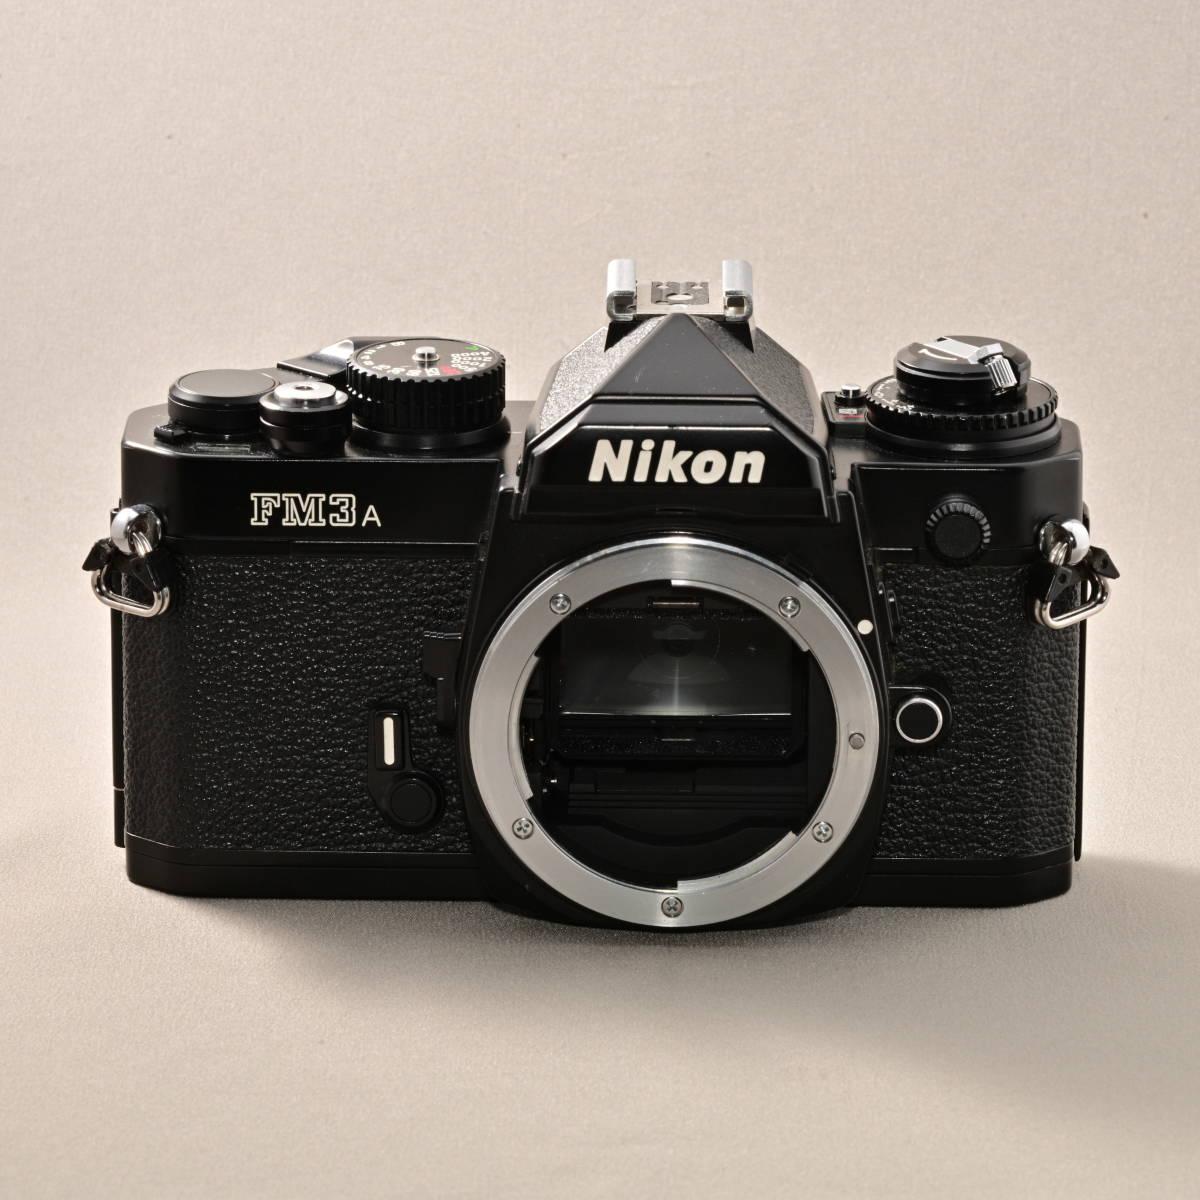 ニコン NIKON FM3A + NIKKOR 45mm F2.8P_画像6